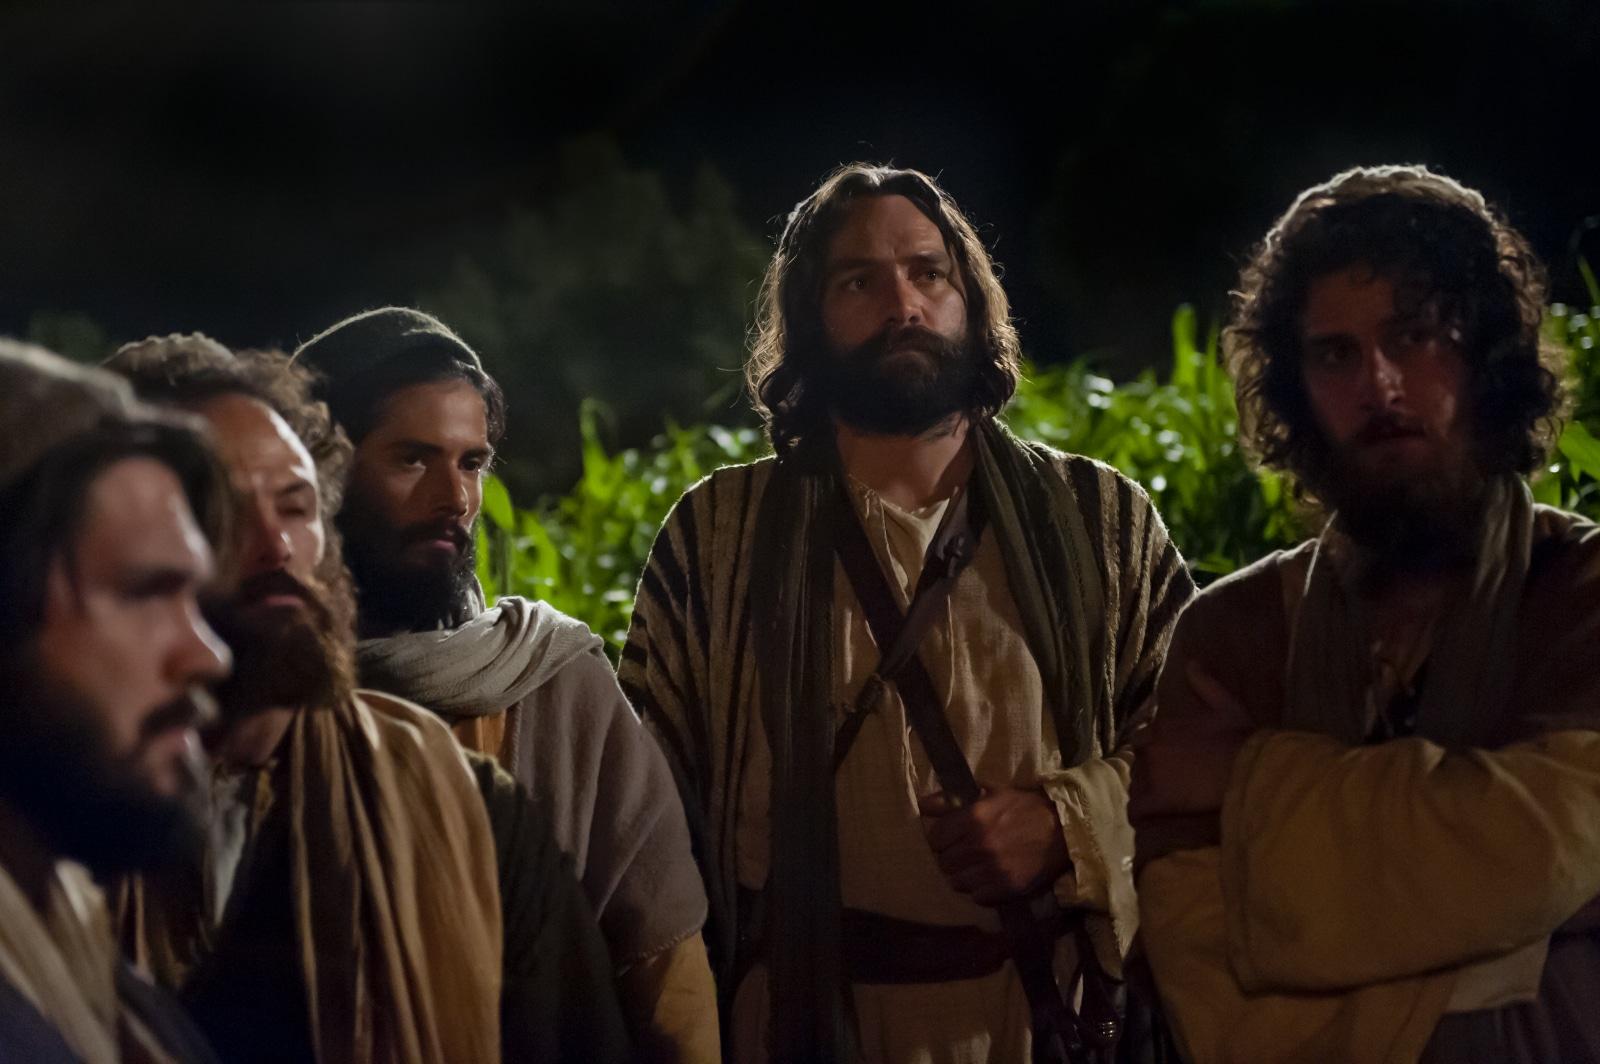 ¿Tuvo hermanos carnales? Los hermanos de Jesús